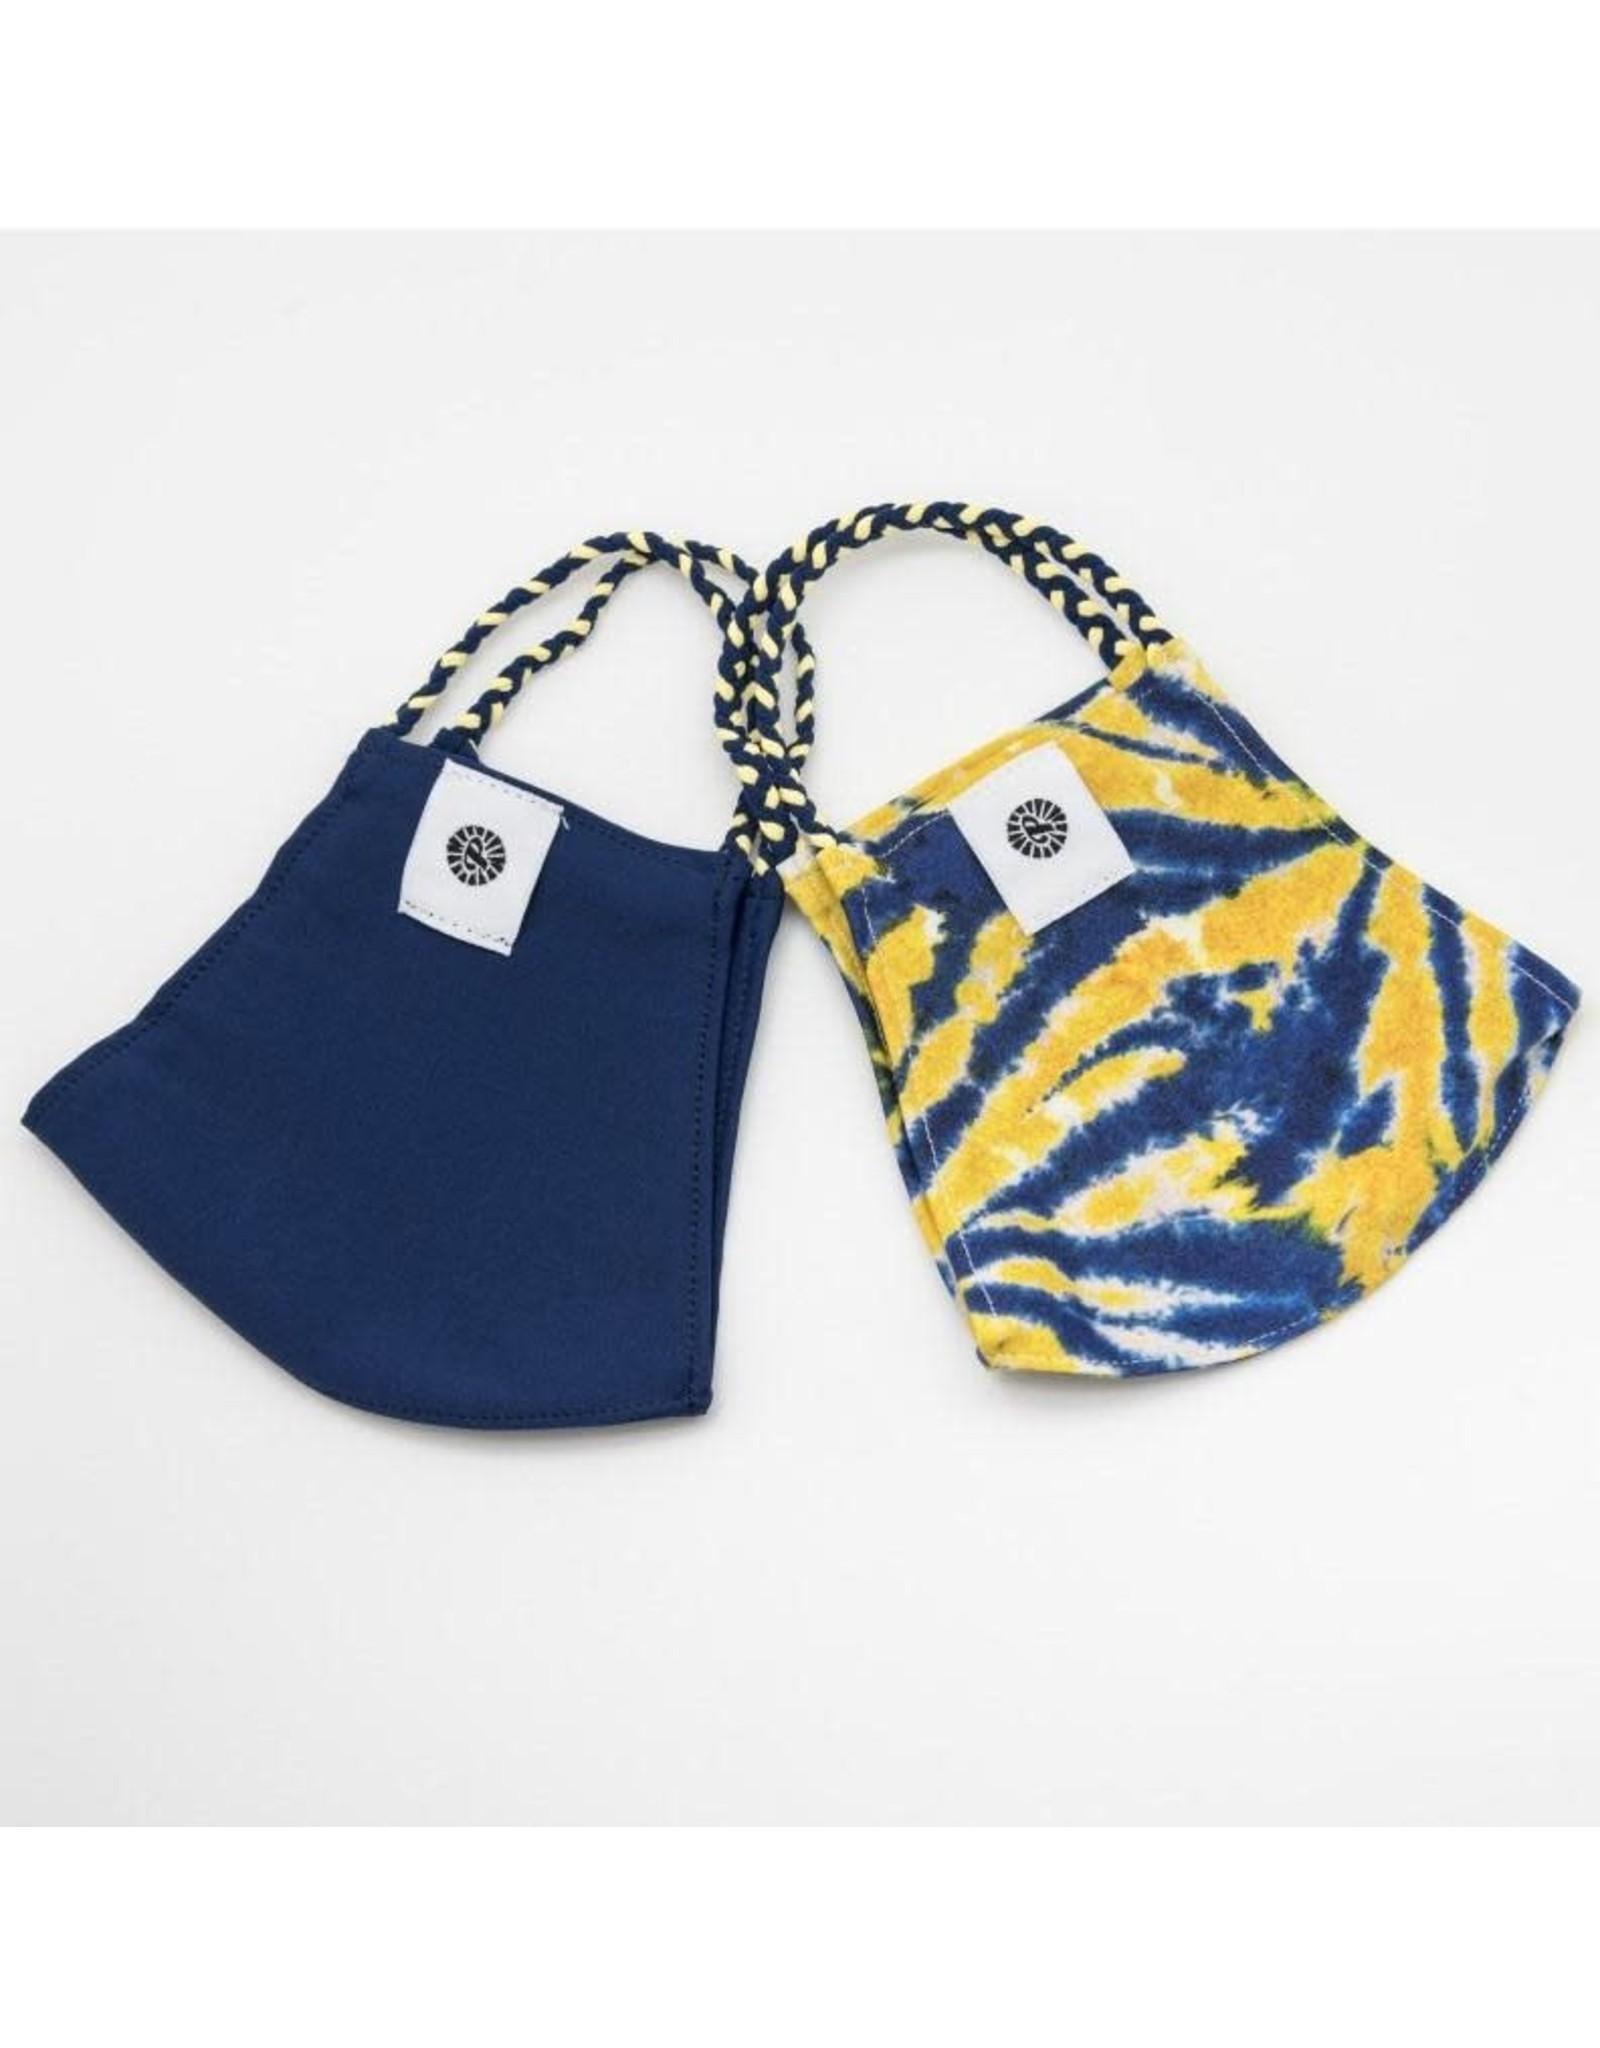 Sunshine Tie Dye/Navy Pomchie Mask